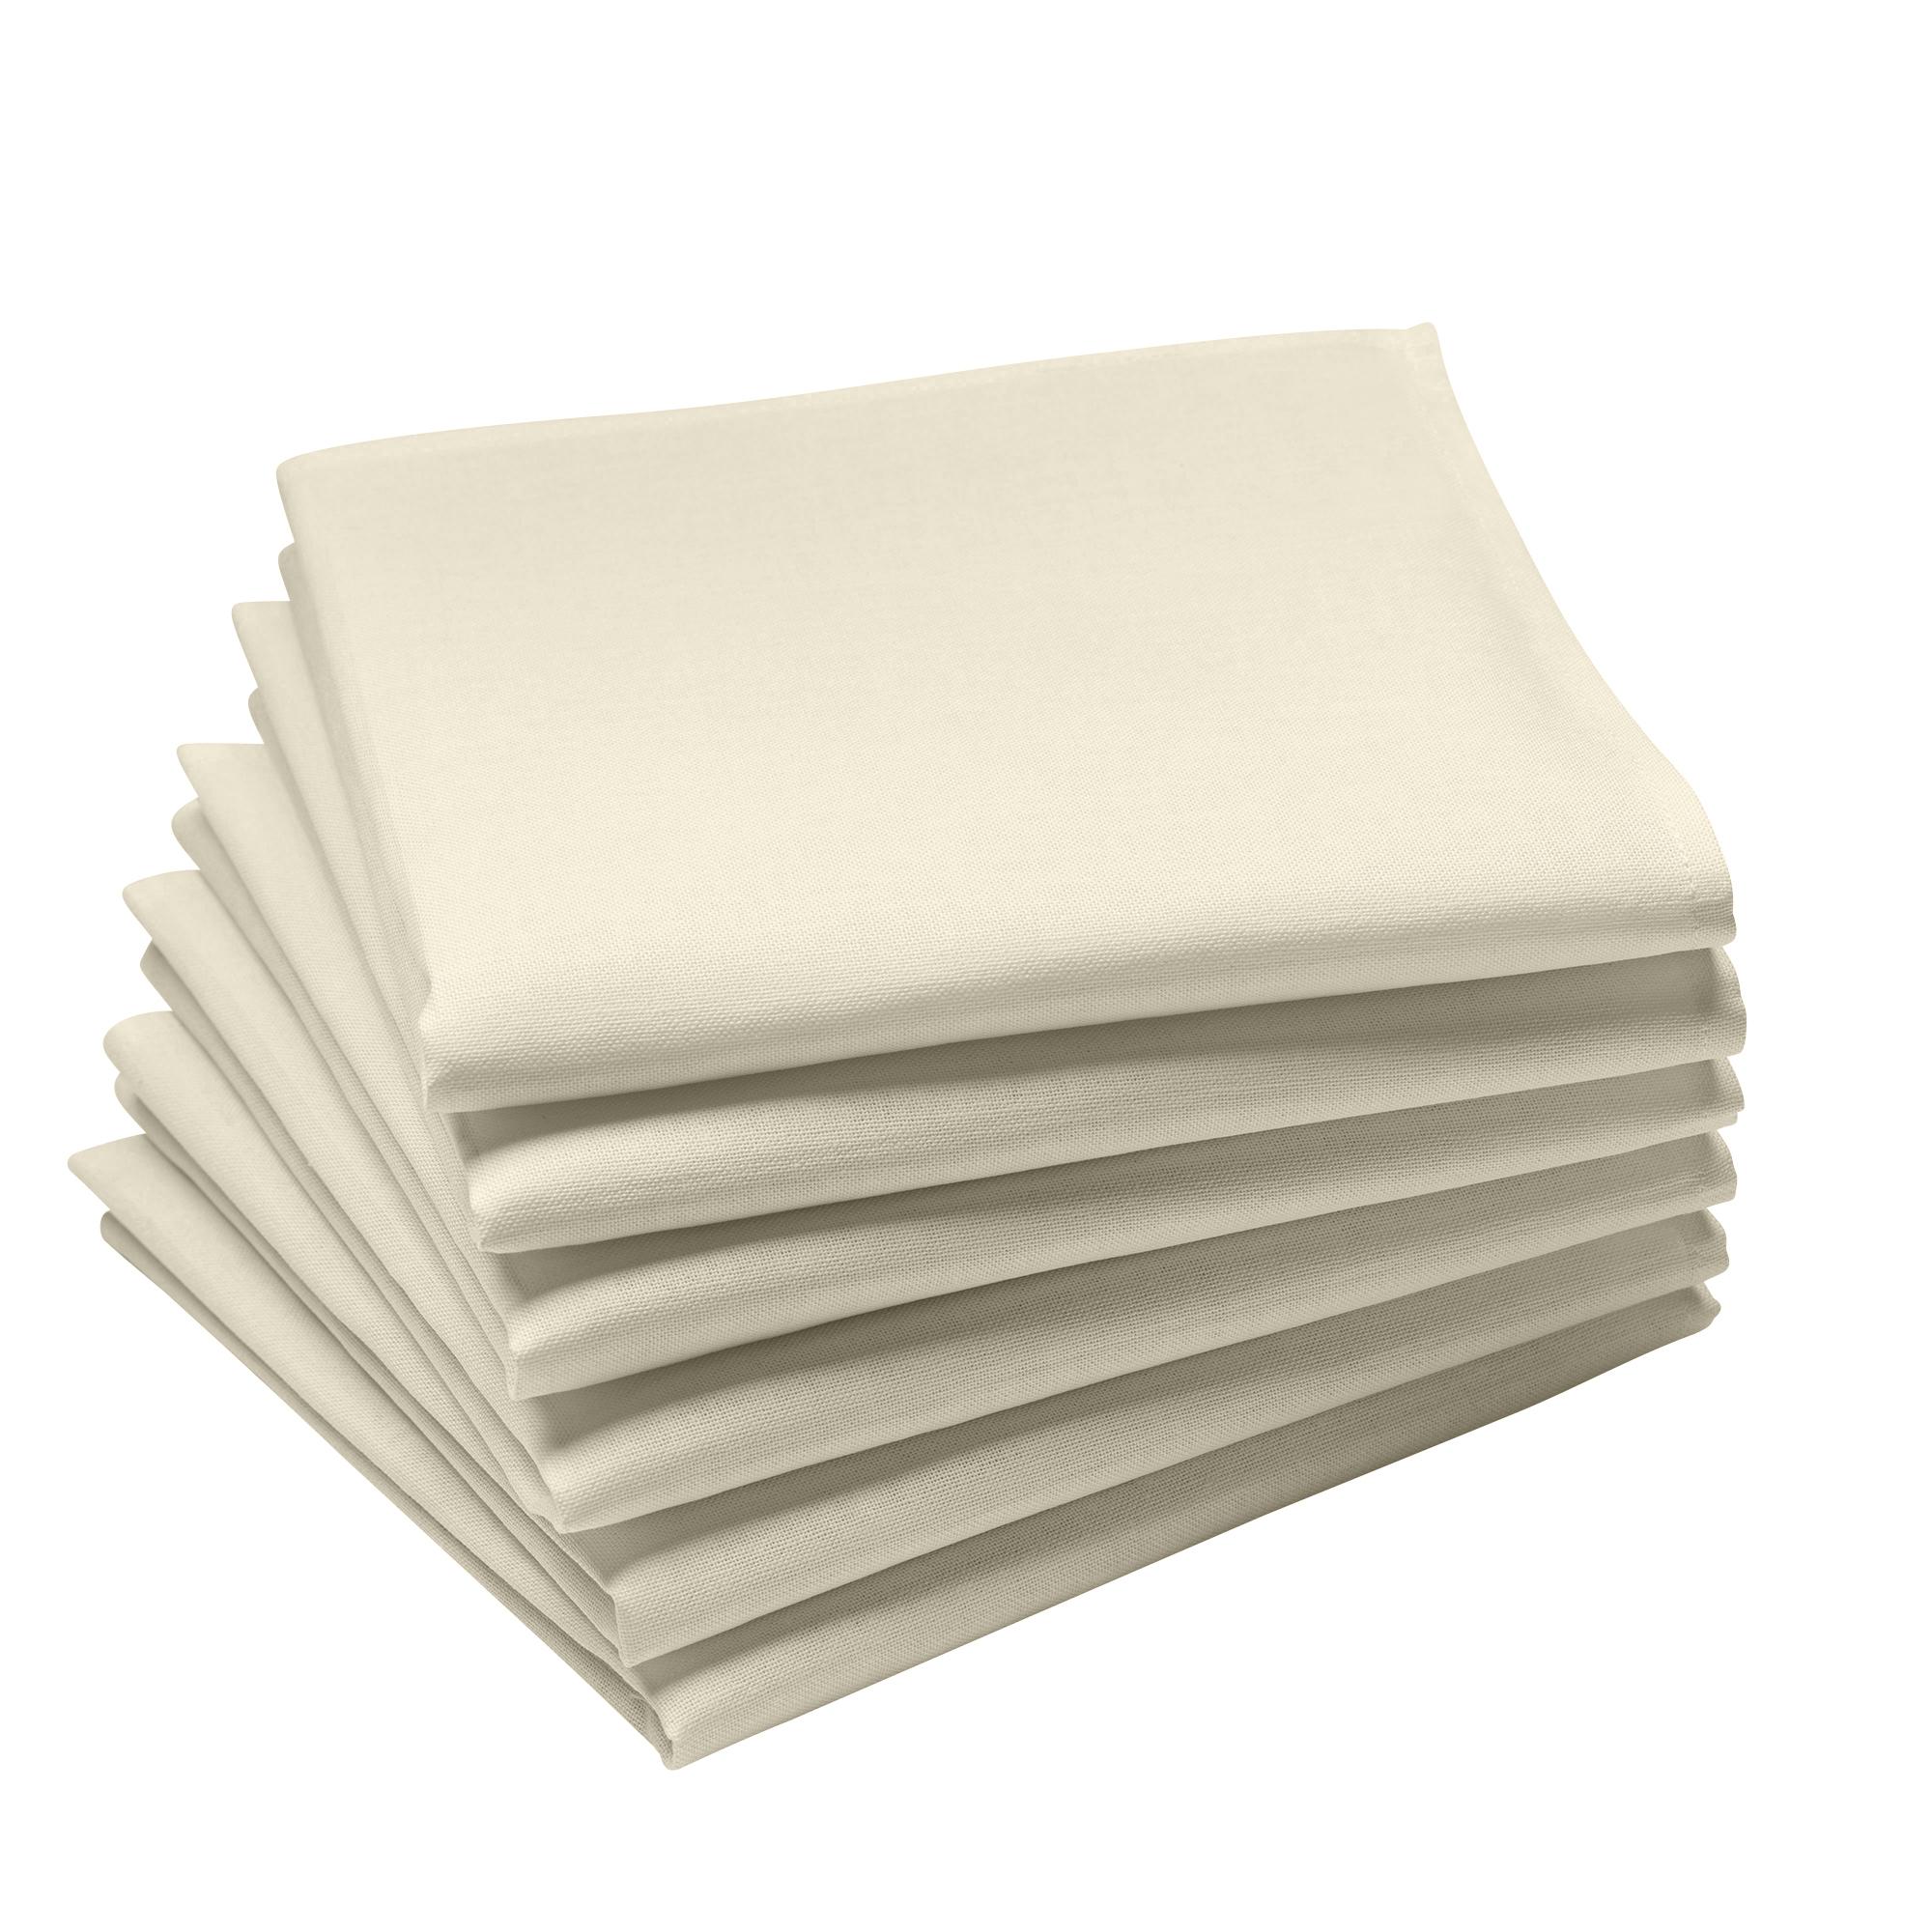 Lot de 6 serviettes en coton traite Teflon, Grege 45 x 45